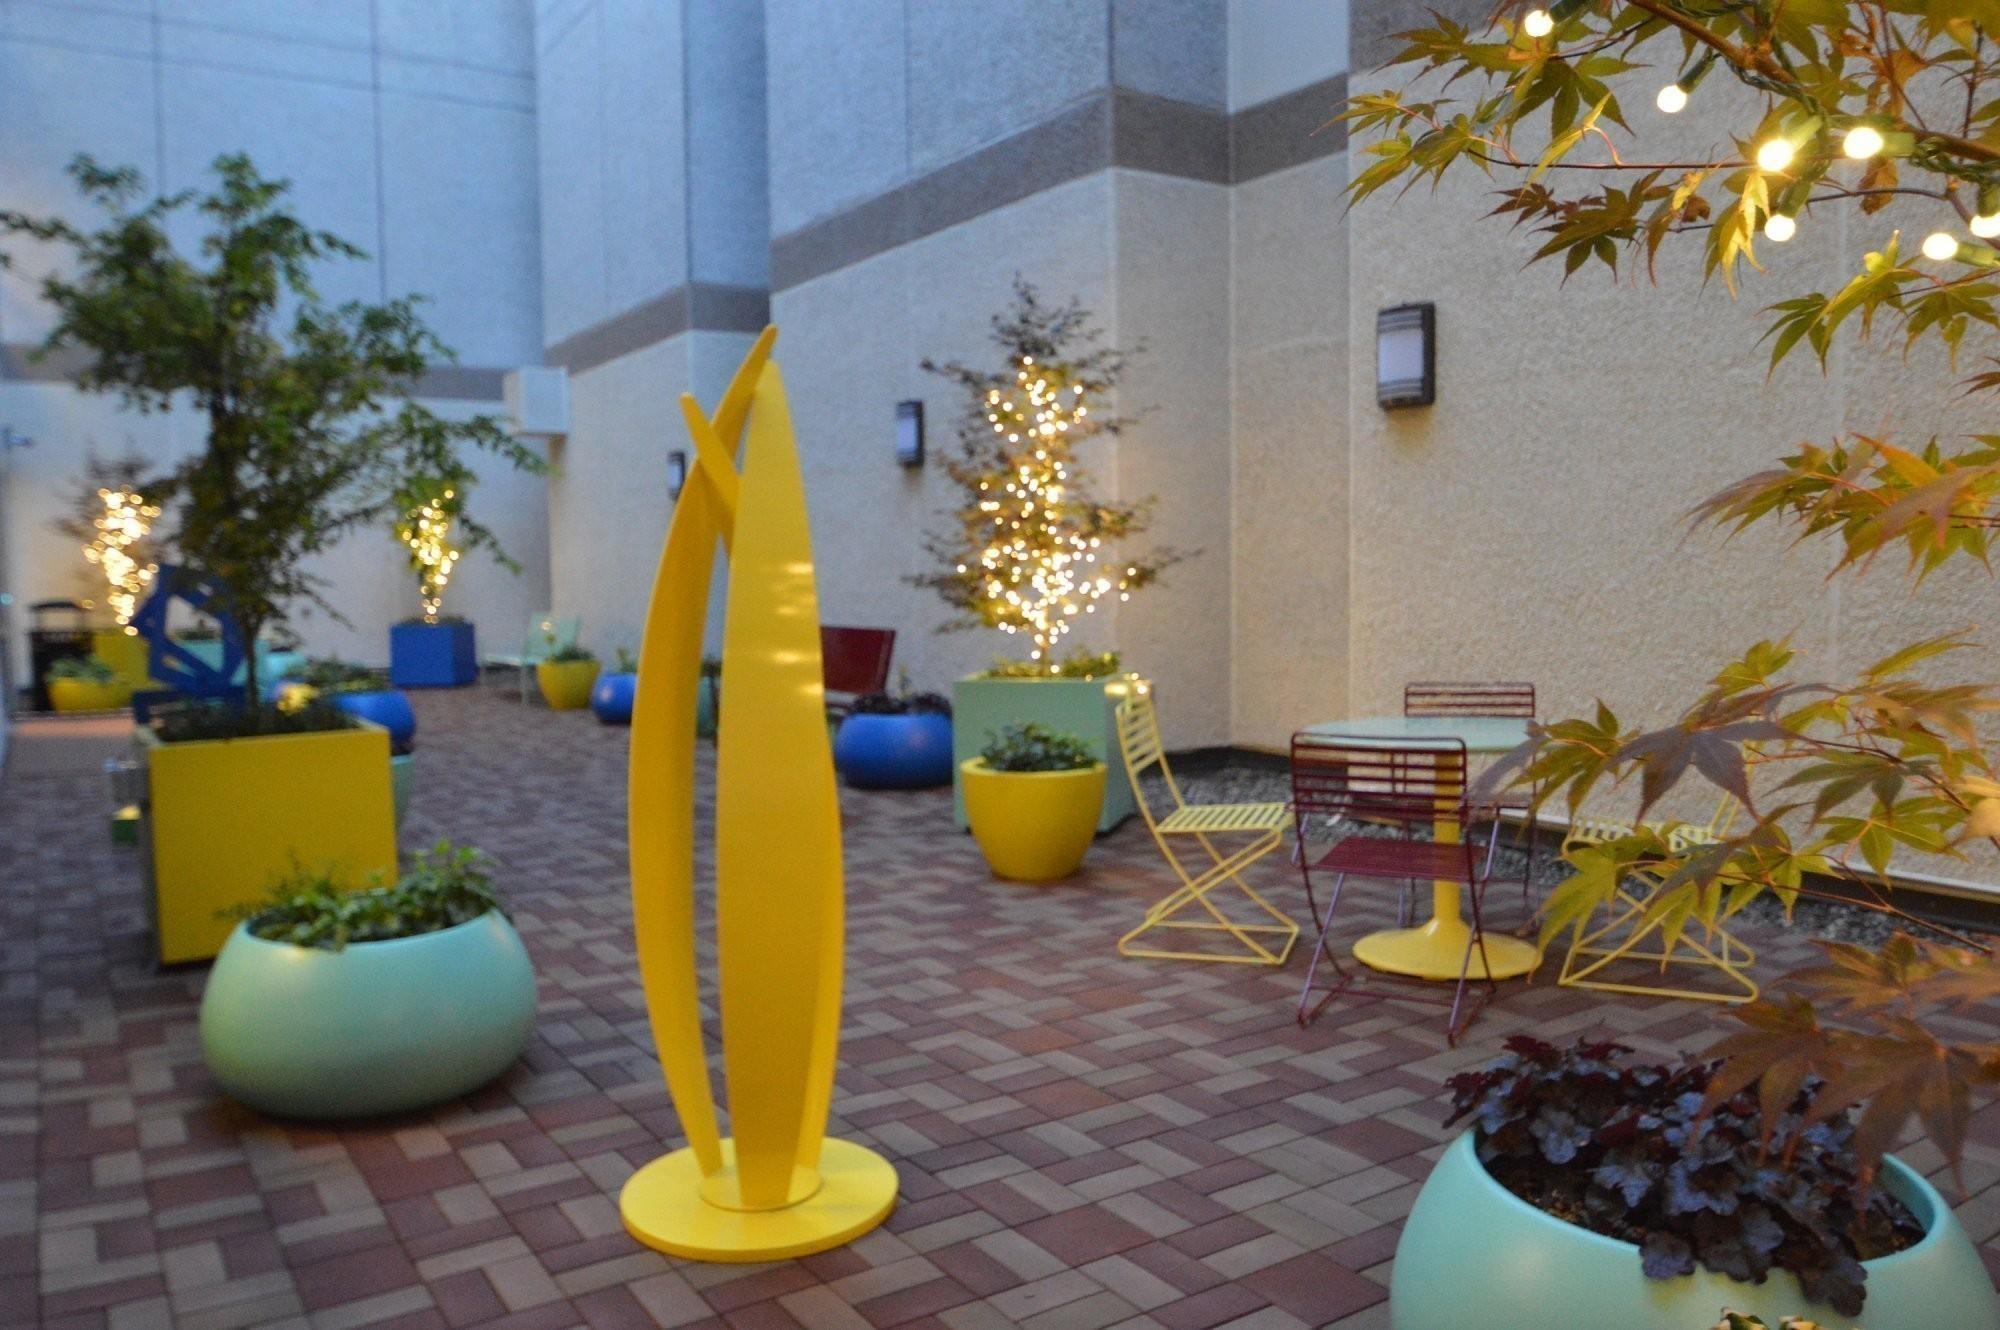 annie's-healing-garden-norton-hospital-landscape-architecture-3